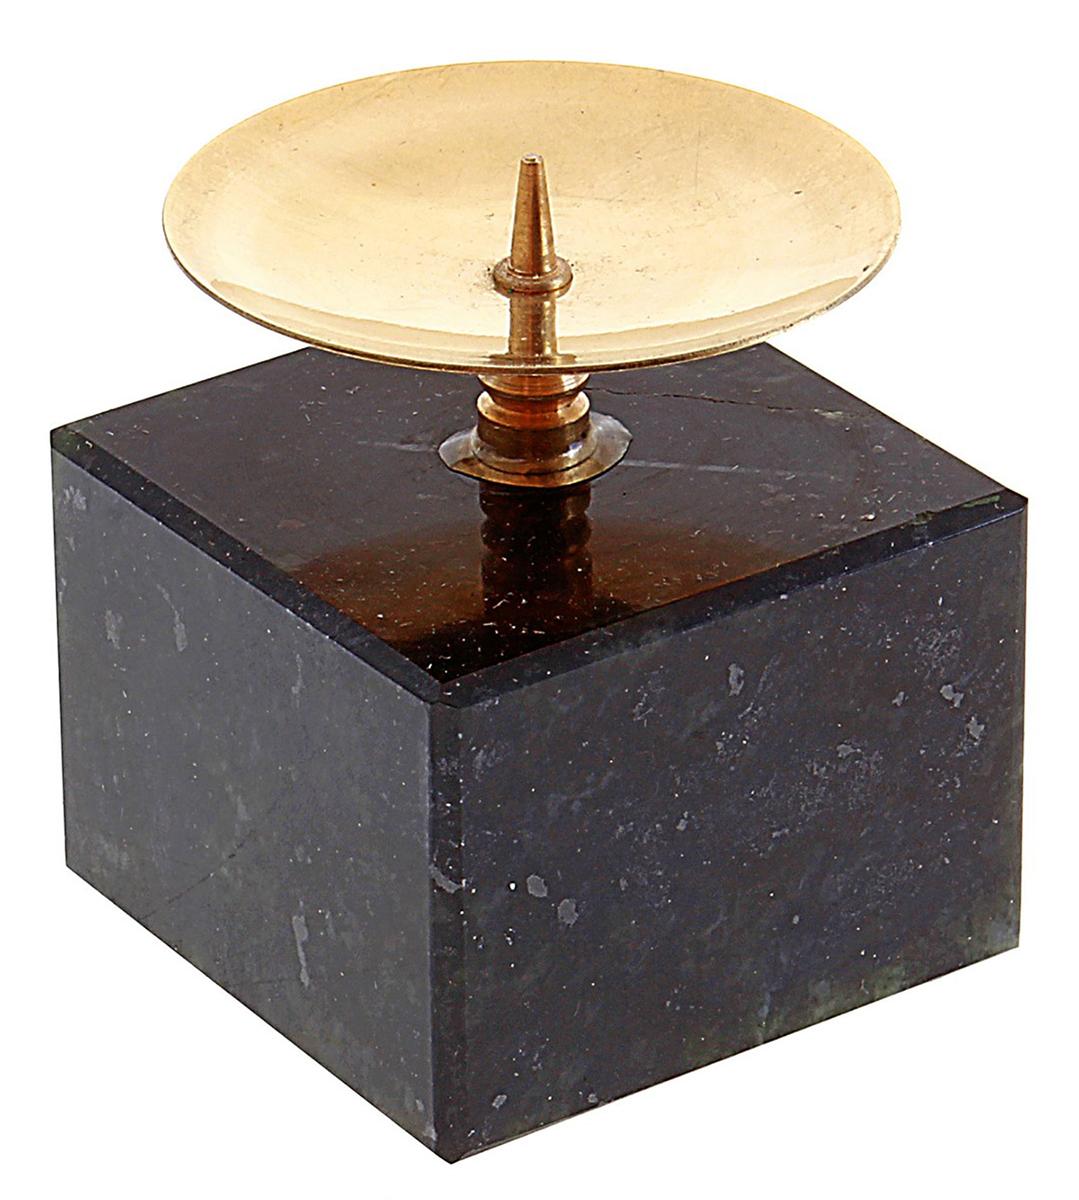 Подсвечник Кубик, цвет: черный, золотистый, 4 х 4 х 4,5 см586883Невозможно представить нашу жизнь без праздников! Мы всегда ждем их и предвкушаем, обдумываем, как проведем памятный день, тщательно выбираем подарки и аксессуары, ведь именно они создают и поддерживают торжественный настрой. — это отличный выбор, который привнесет атмосферу праздника в ваш дом!Известно, что на пламя можно смотреть вечно: его мягкое золотистое сияние проясняет сознание и чарует. Огонь свечи притягивает наше внимание еще больше. Он делает атмосферу загадочной и романтичной.